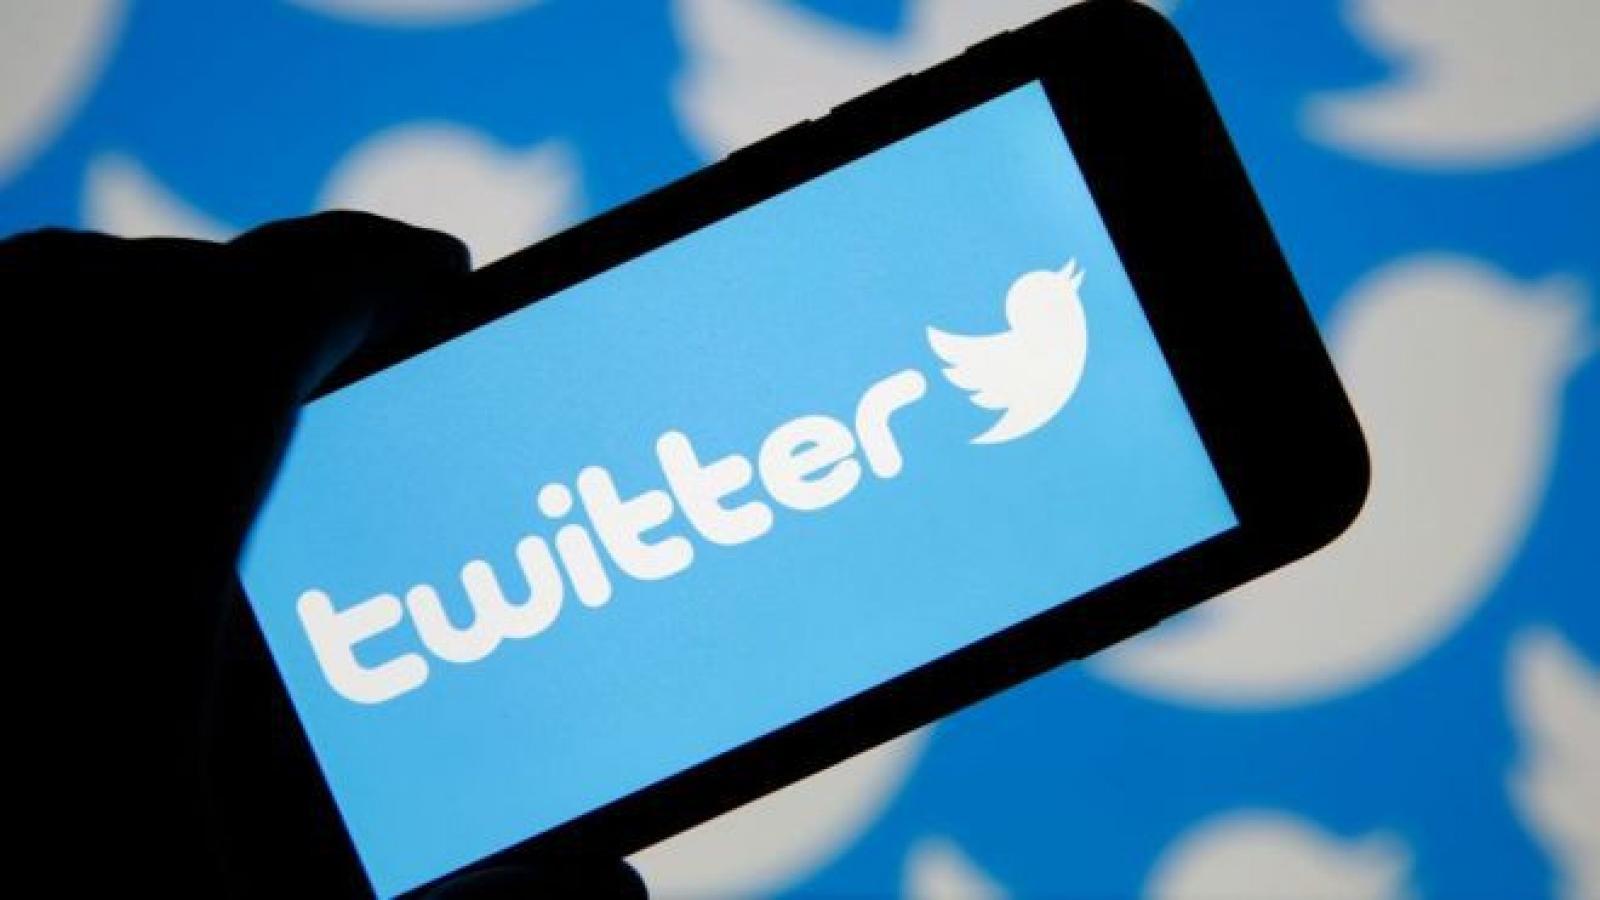 Twitter sẽ khắc phục nhanh sự cố tài khoản người nổi tiếng bị hack